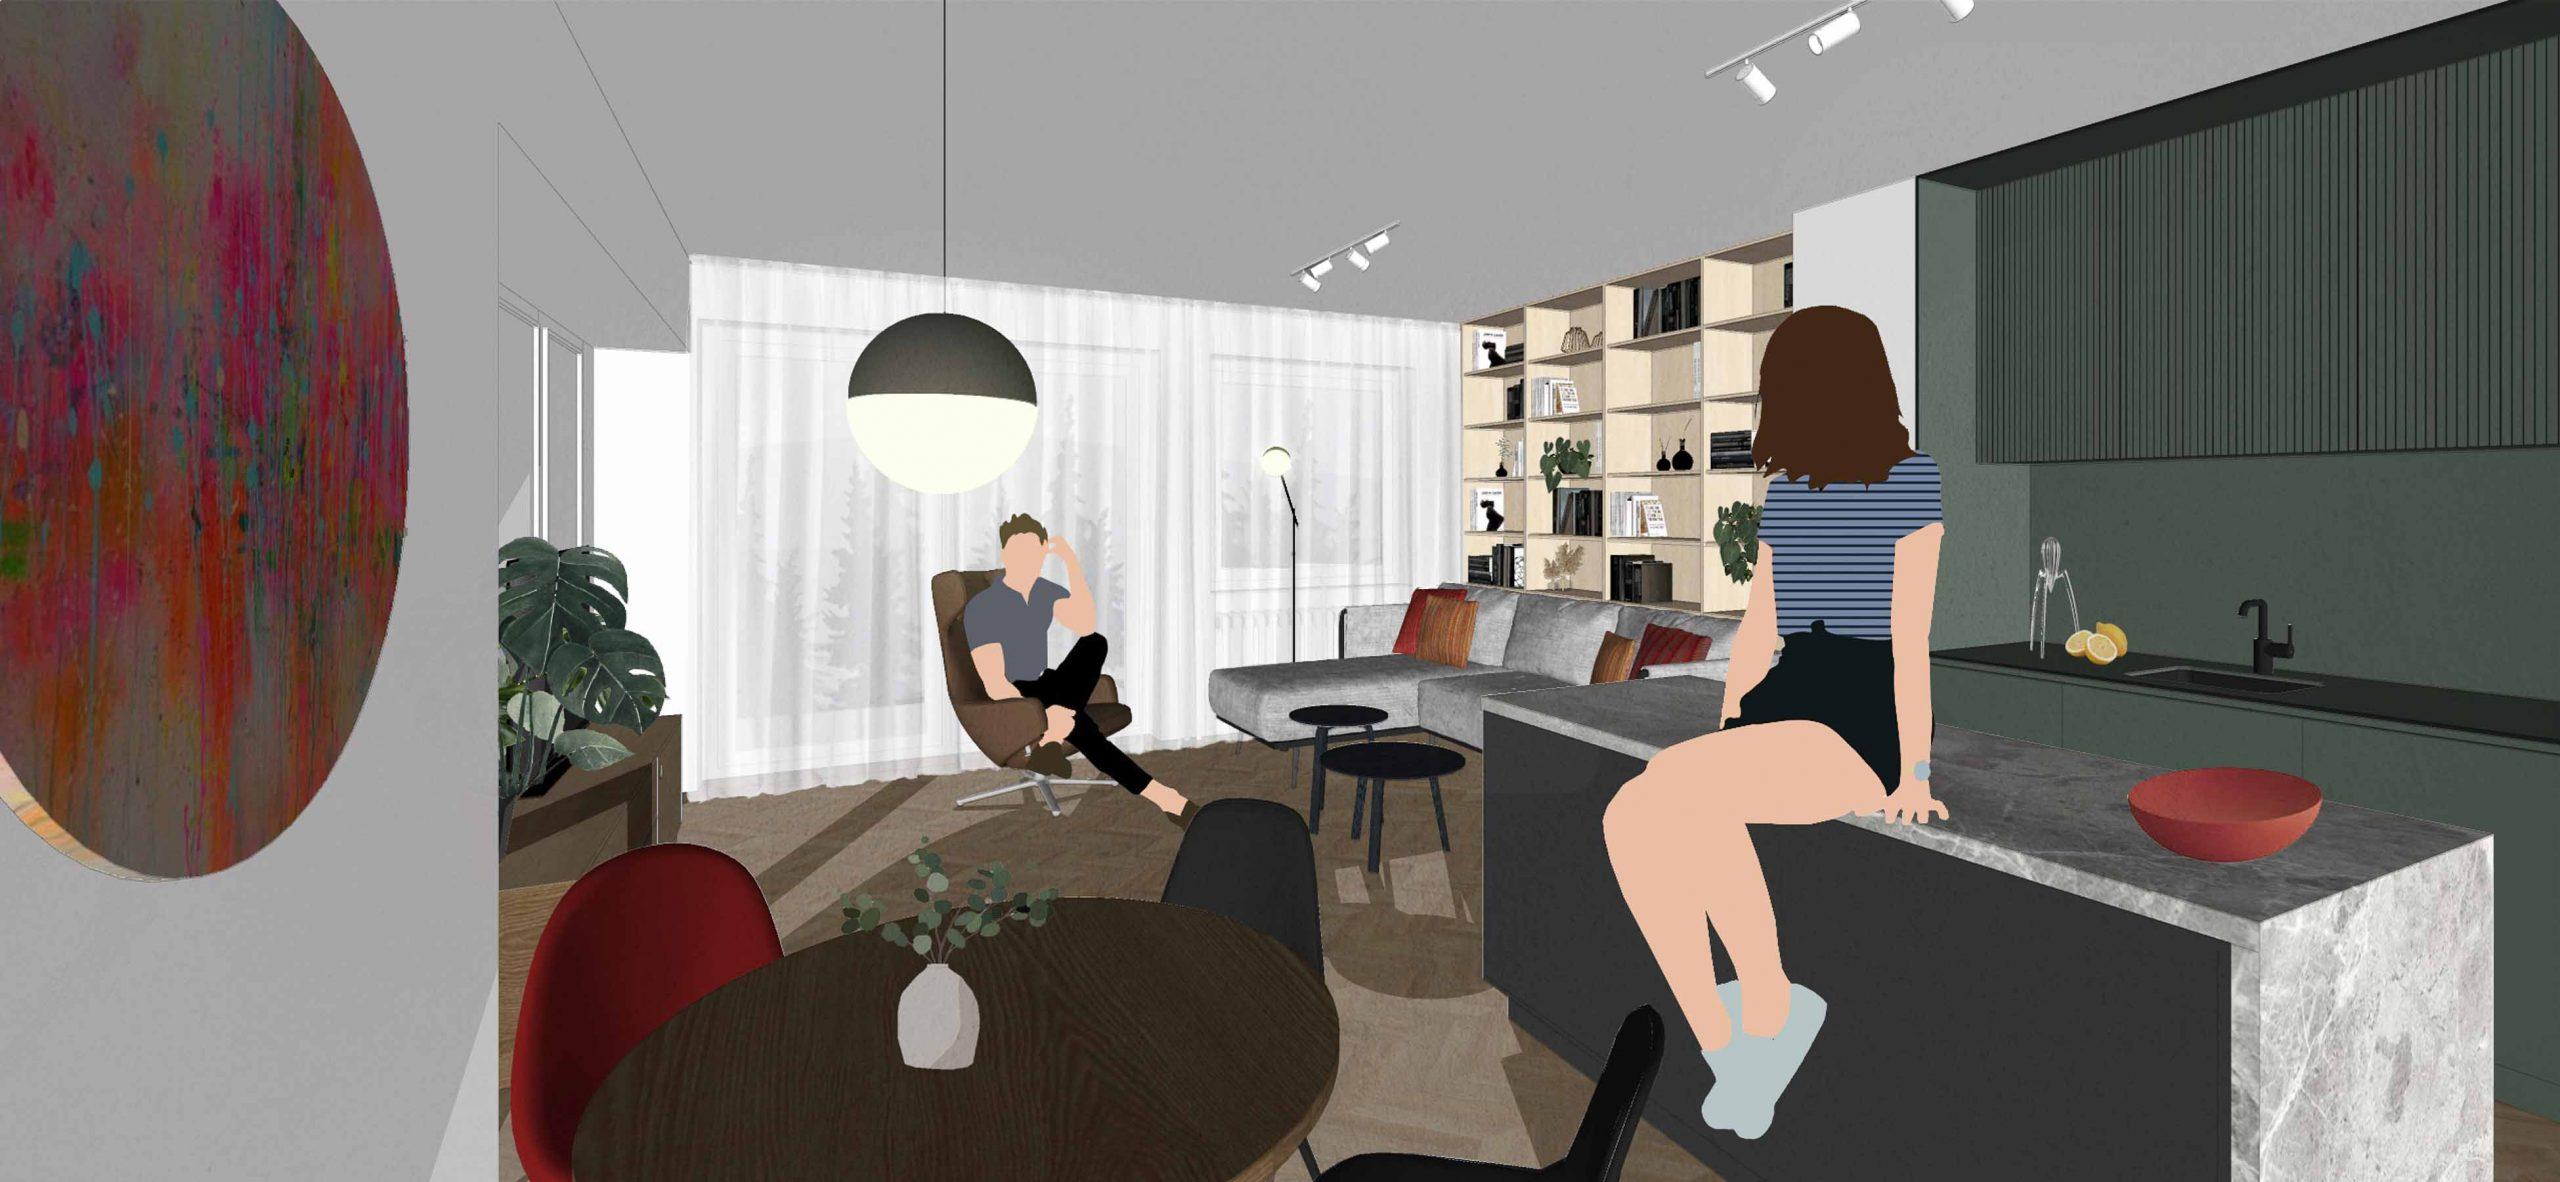 Navrh rekonstrukcie bytu, obyvacia izba, VAUarchitects